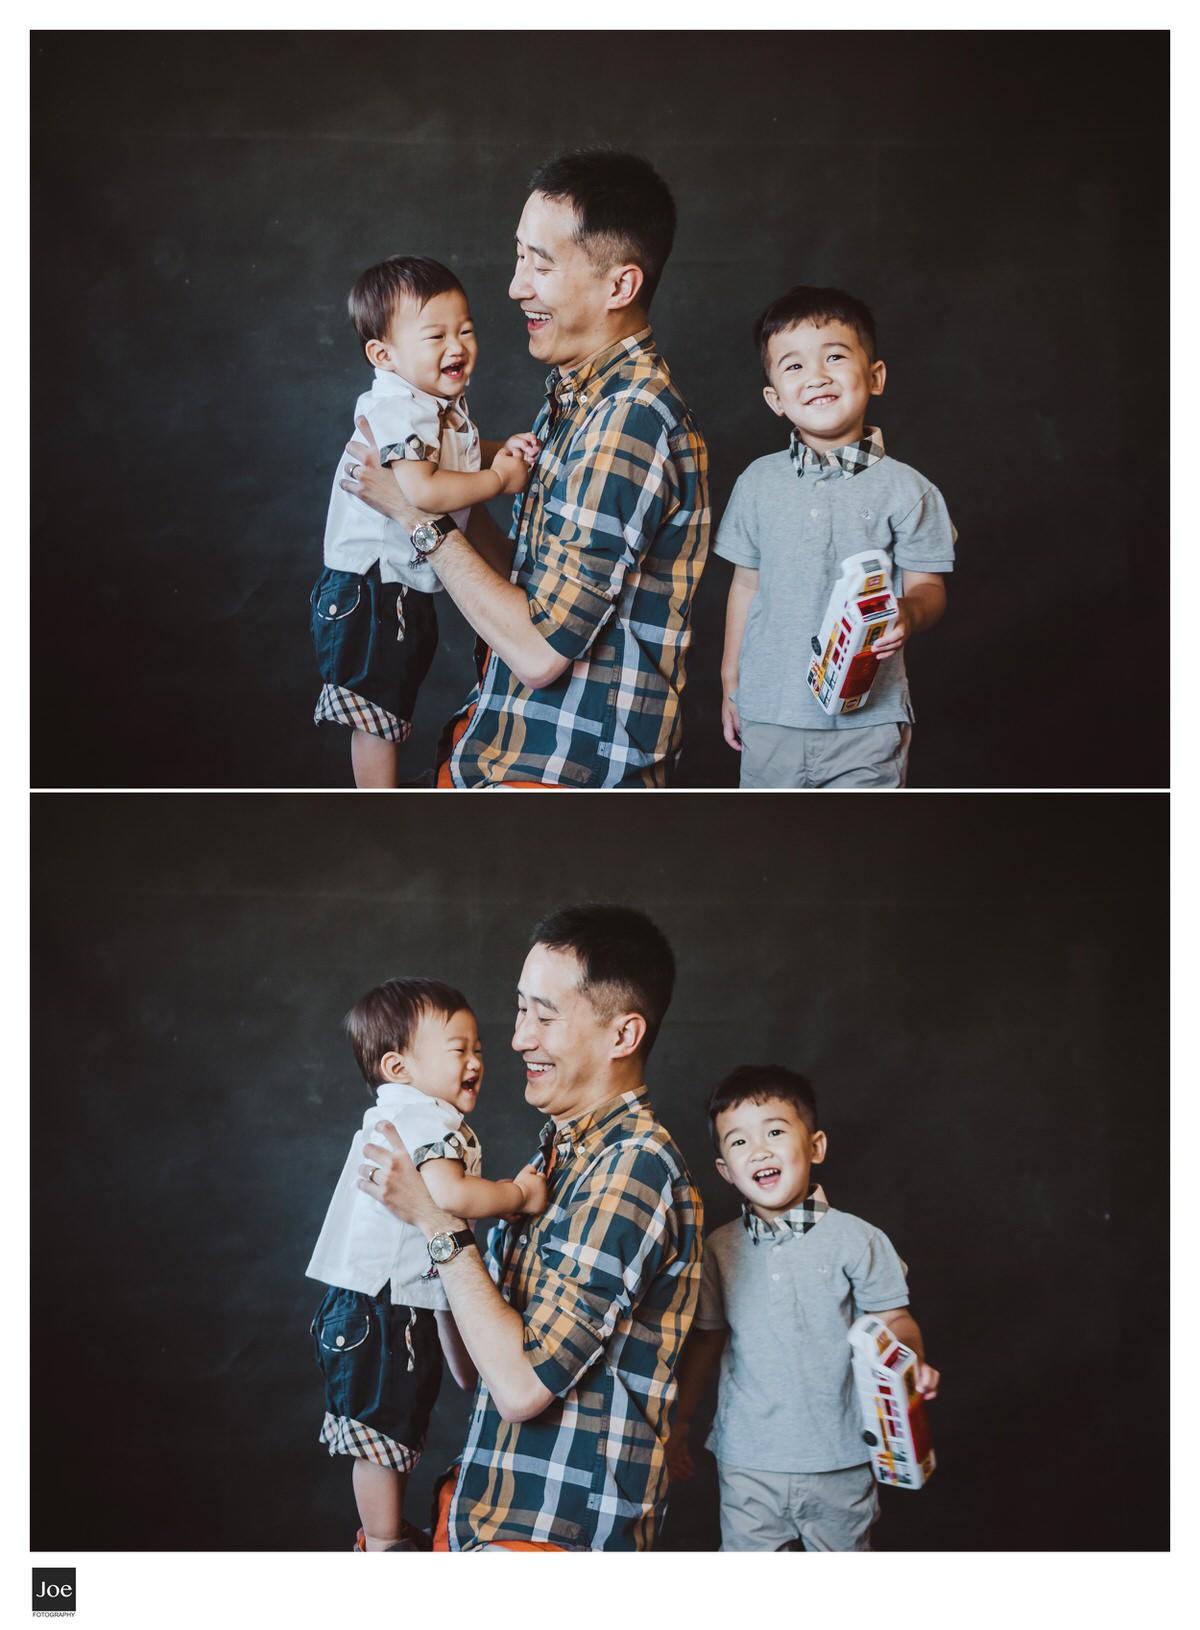 joe-fotography-family-photo-023.jpg